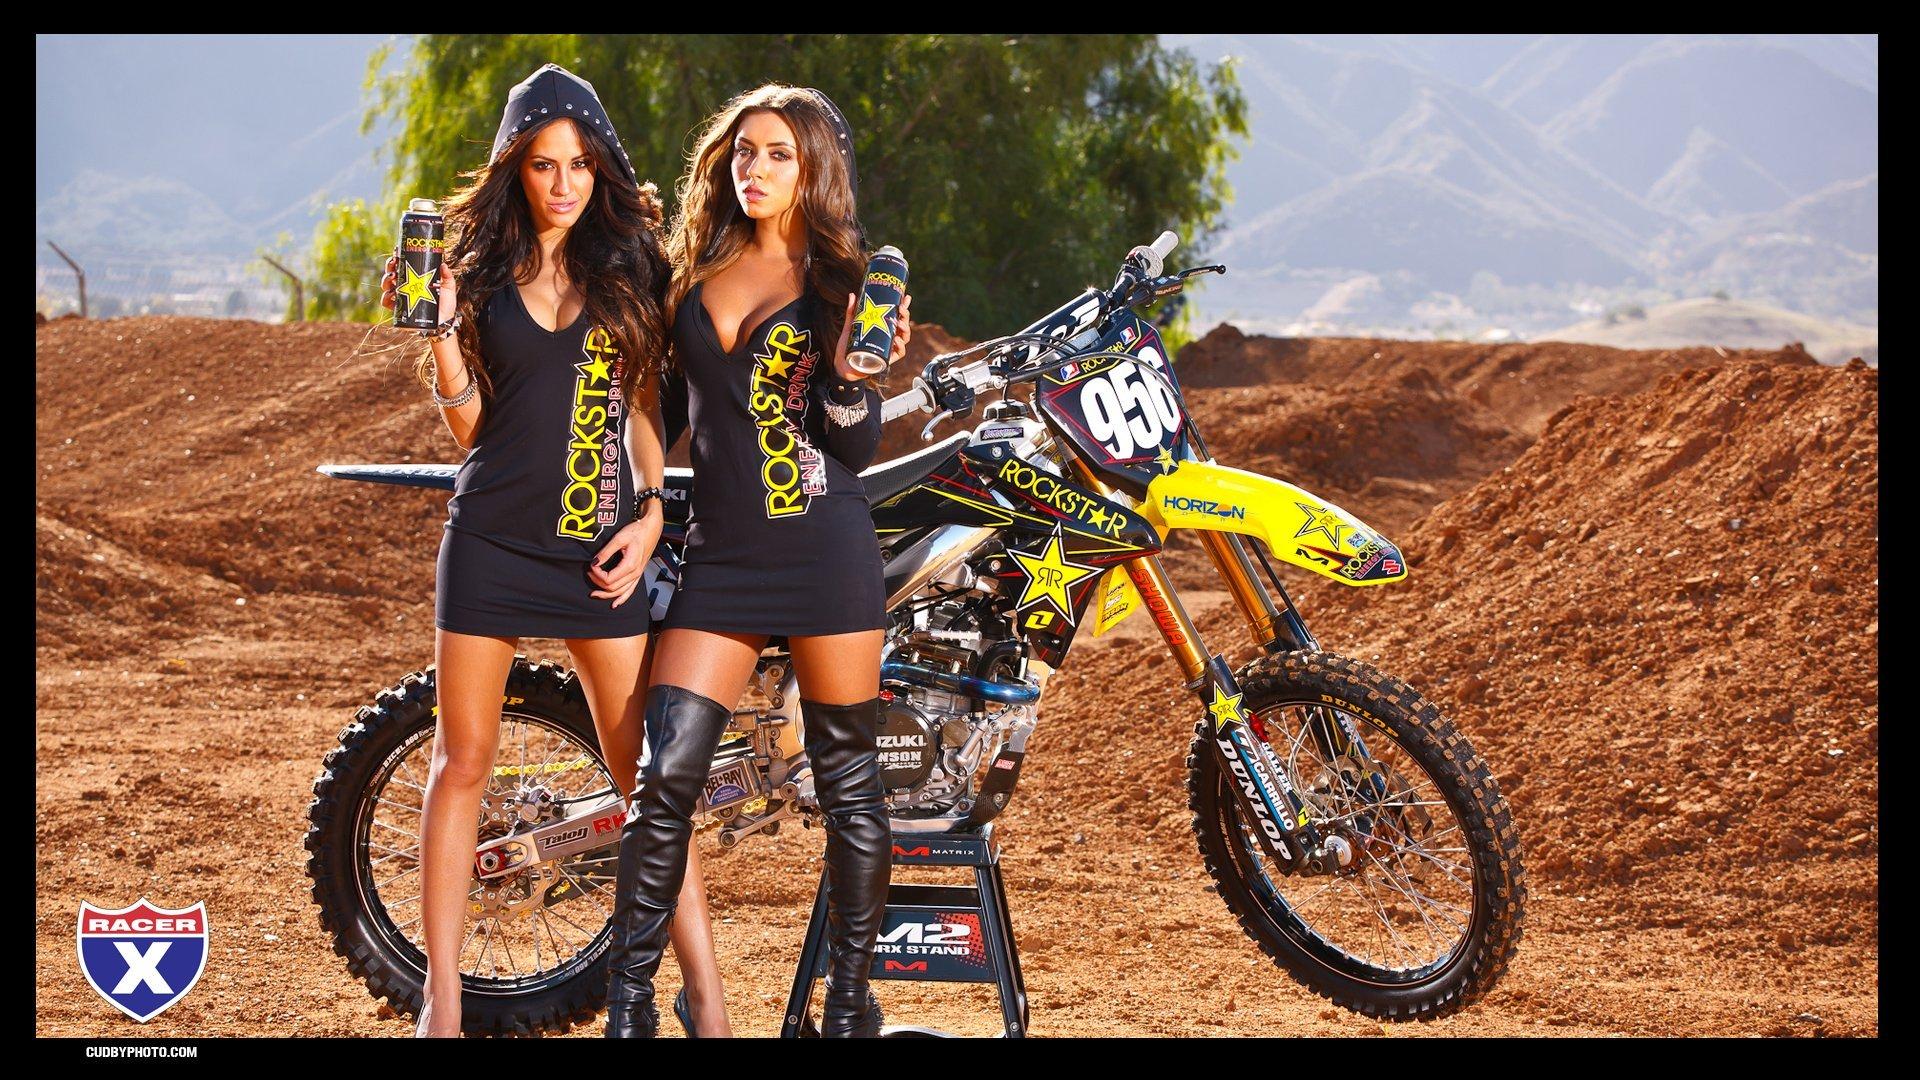 Motocross girls by A4c on motocross in 2020 | Dirt bike